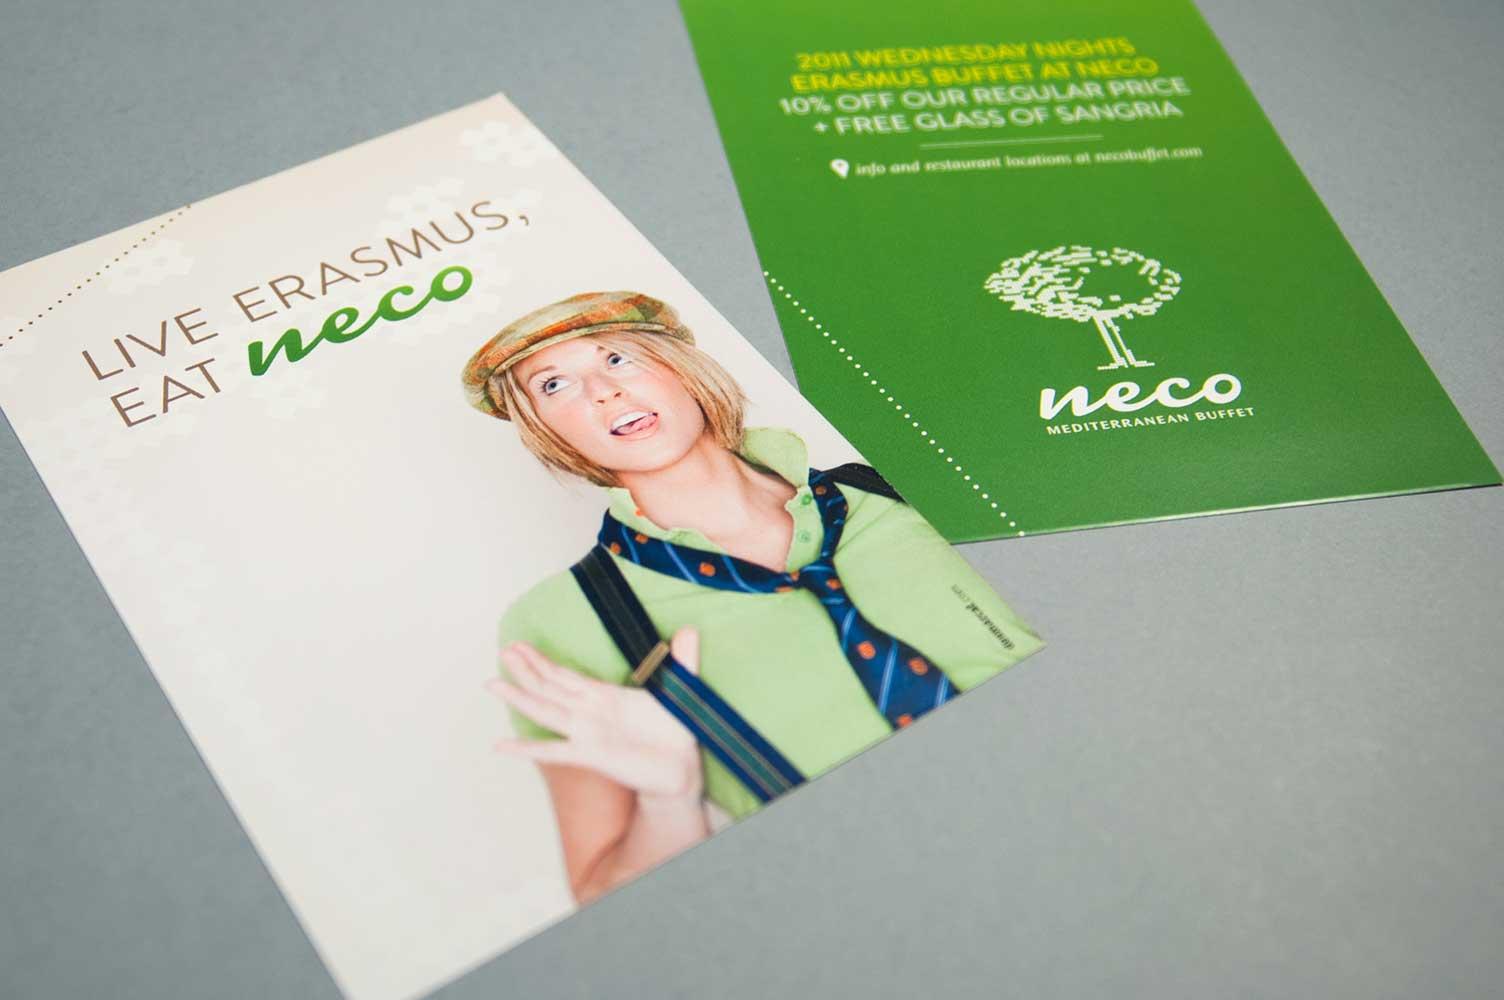 Flyer campaña de publicidad erasmus Neco buffet